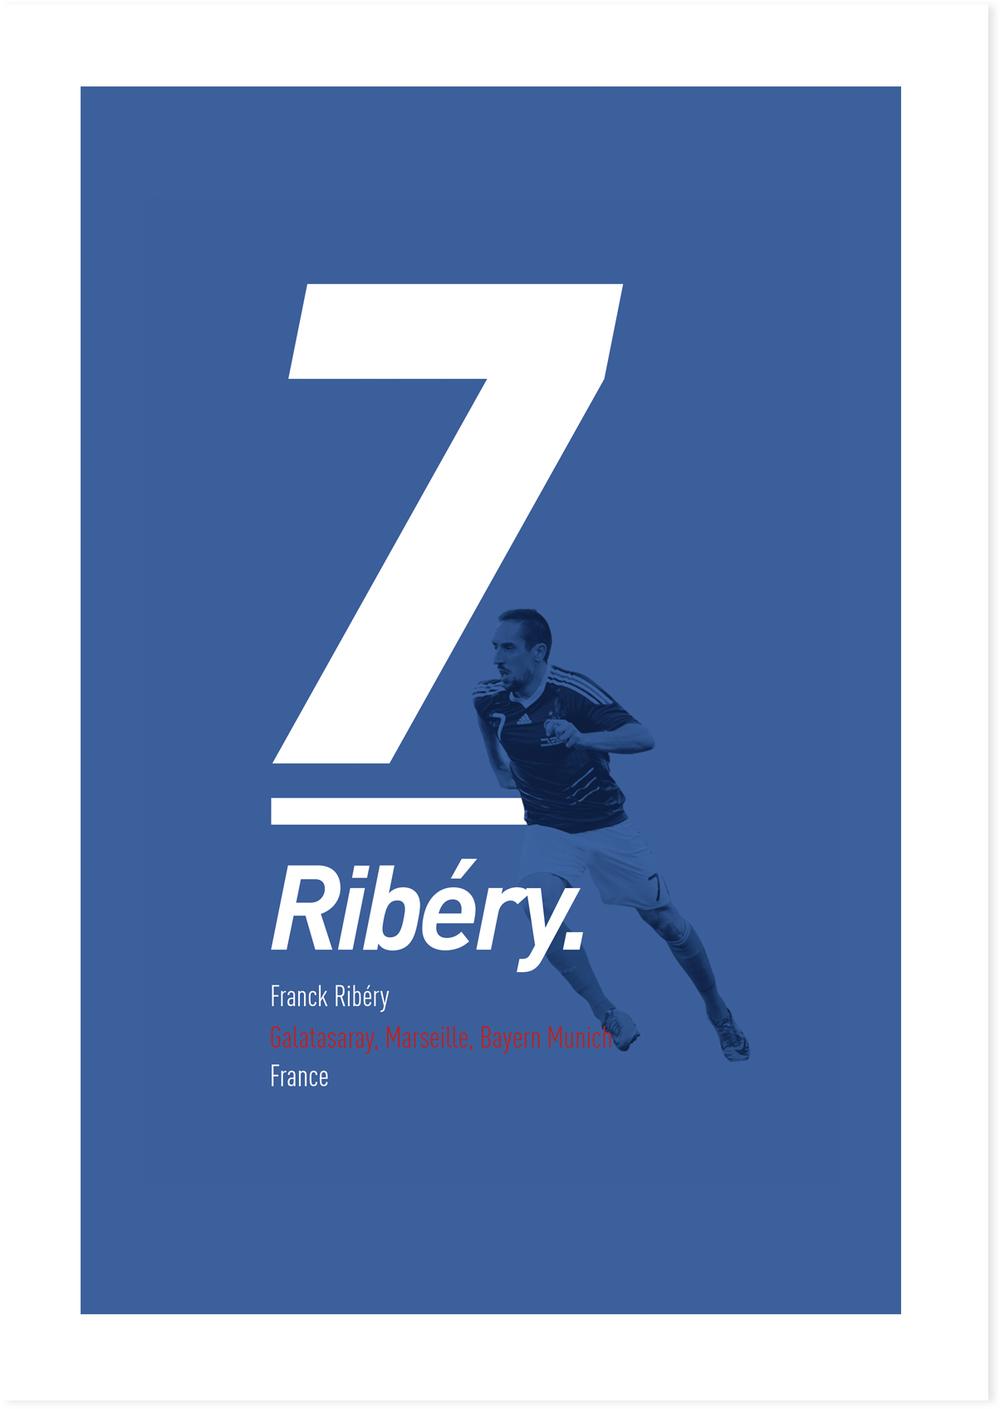 Ribery_web.jpg